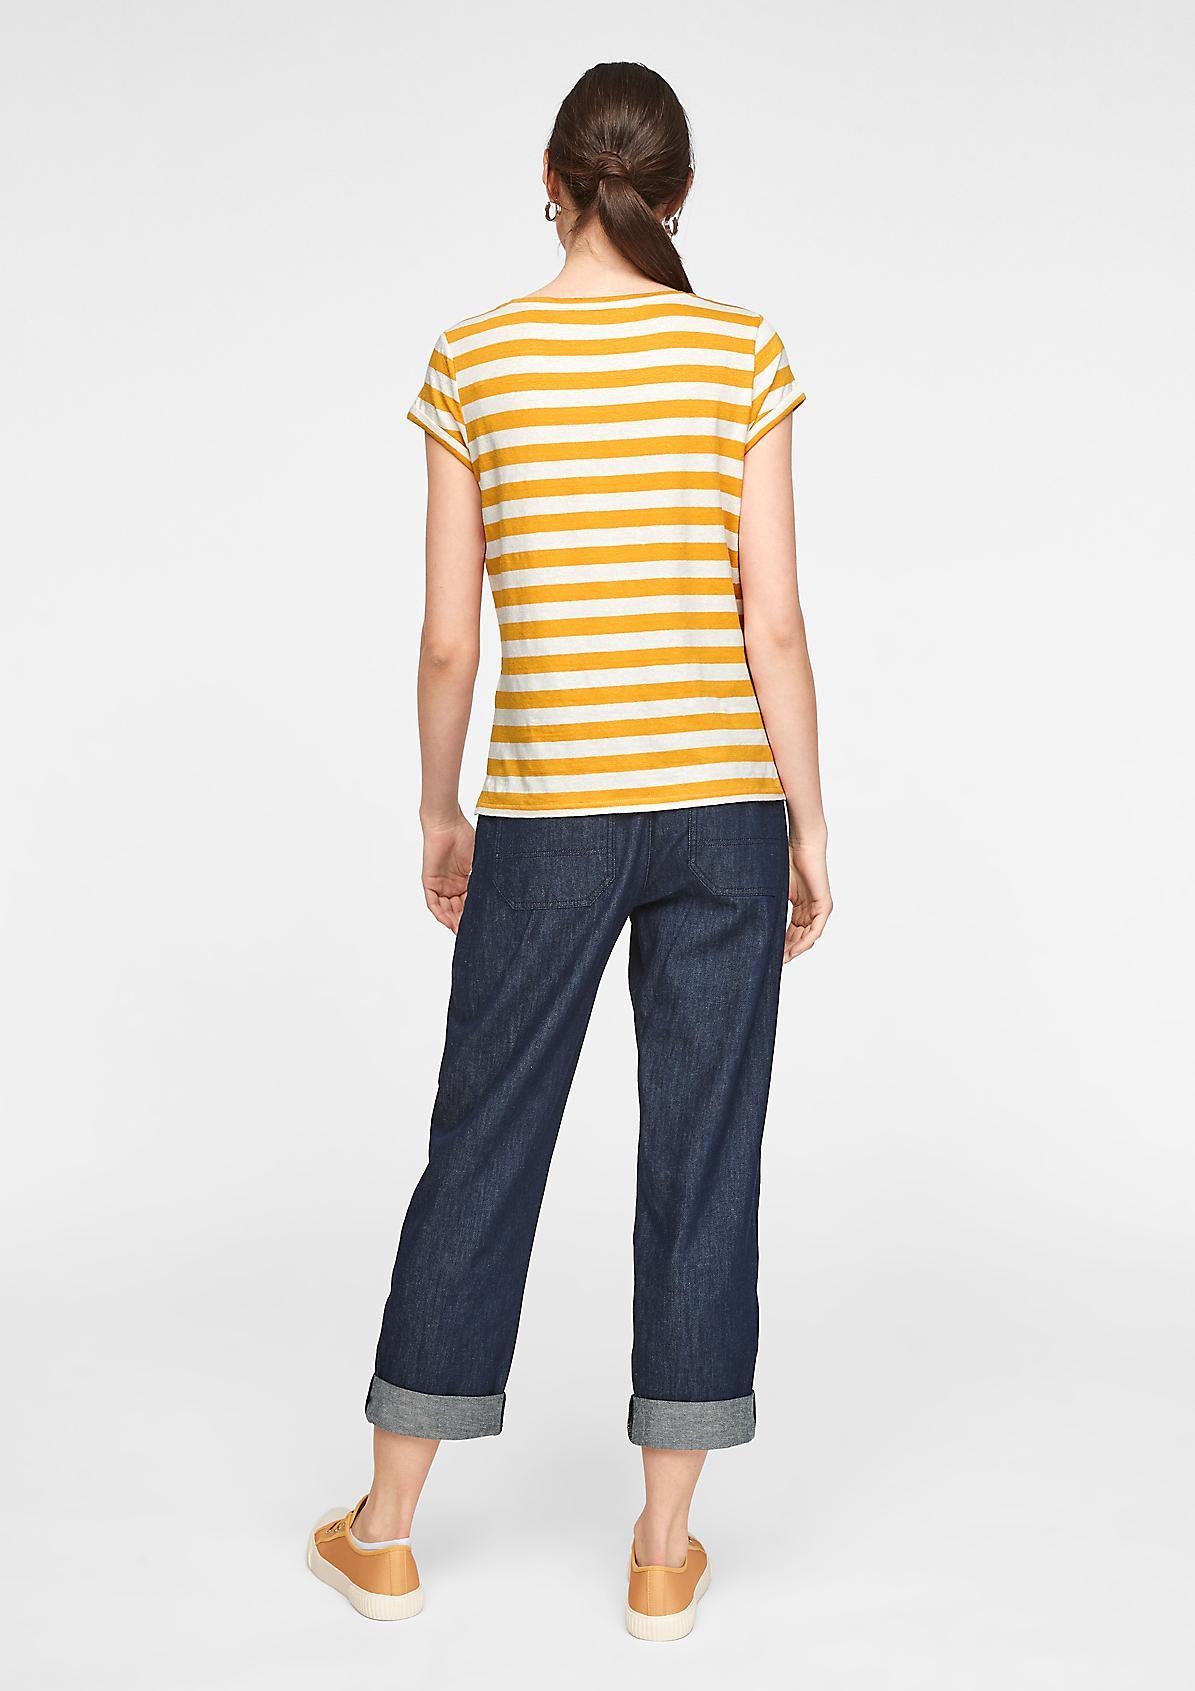 Geringeltes Shirt aus Leinenmix